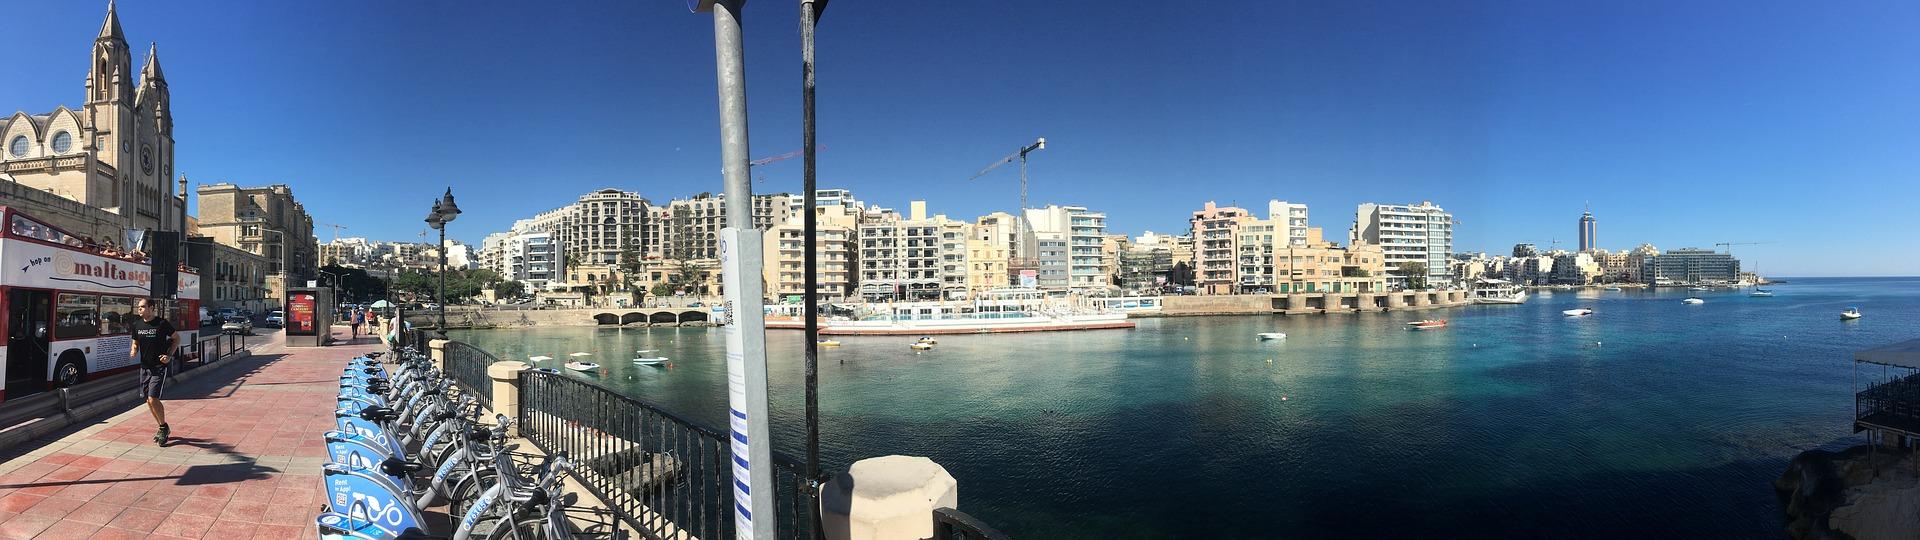 Labranda Riviera Pauschalreise nach Malta ab 135,00€